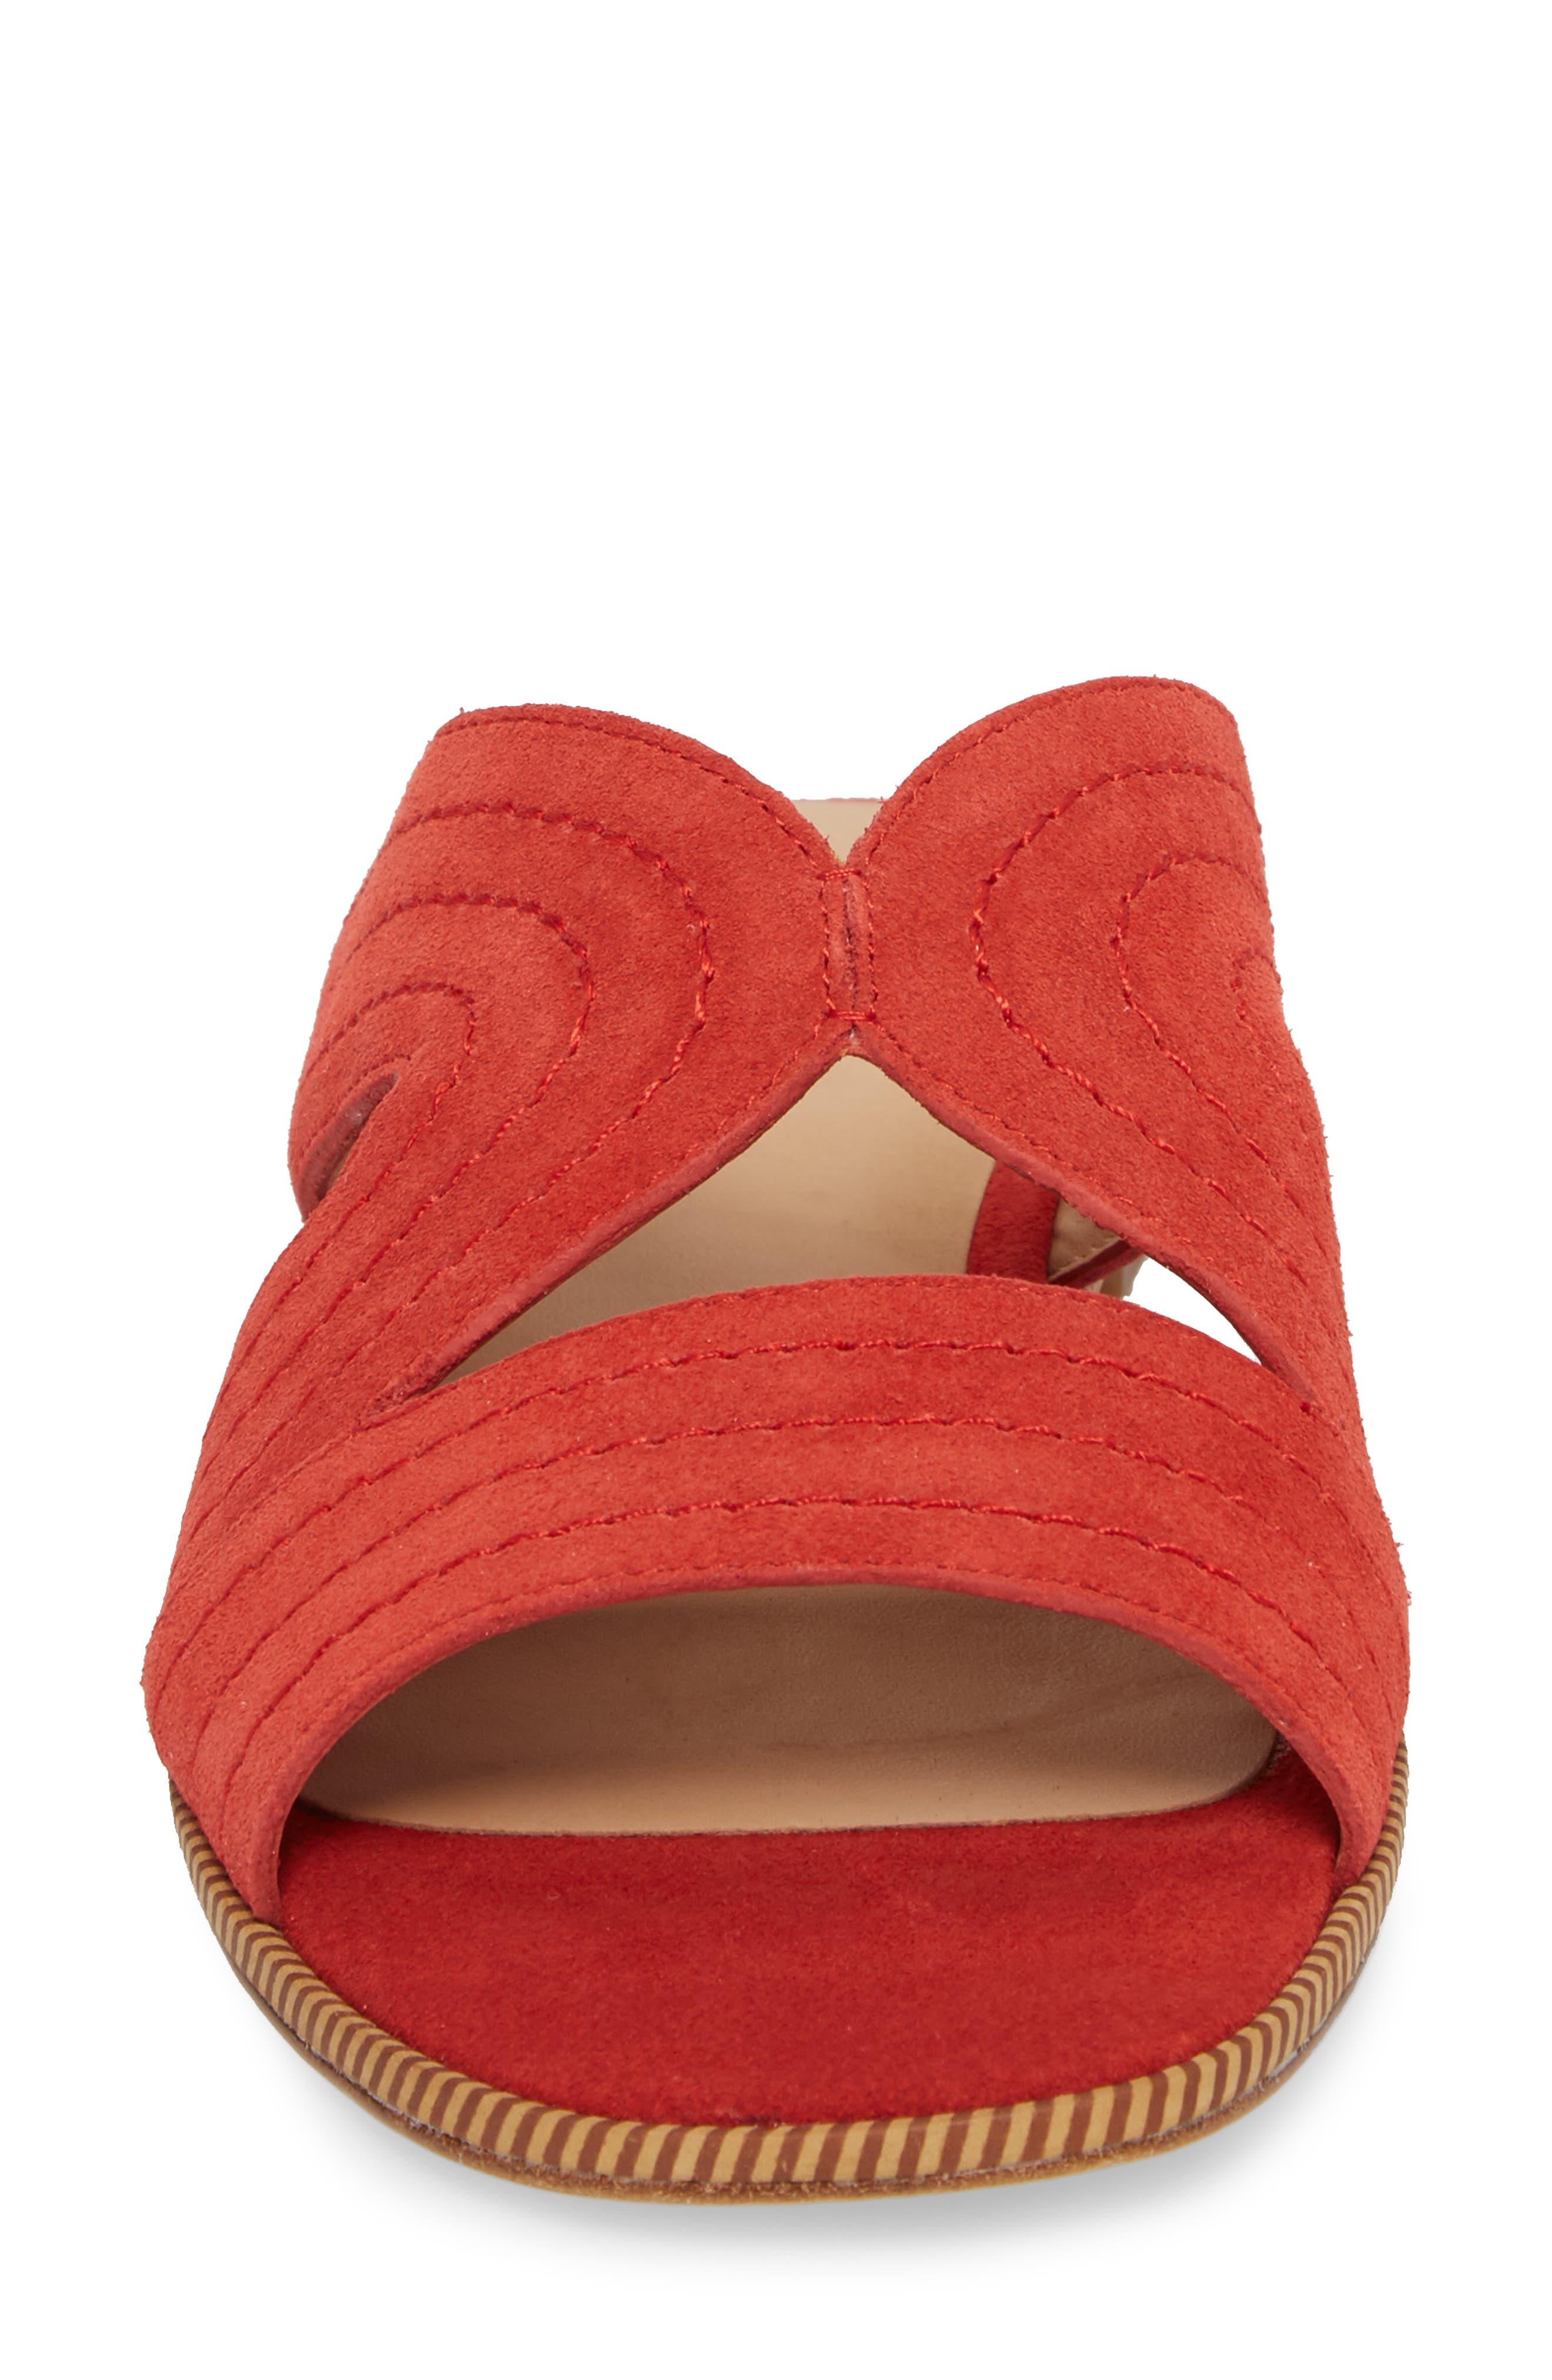 Paetyn Slide Sandal,                             Alternate thumbnail 8, color,